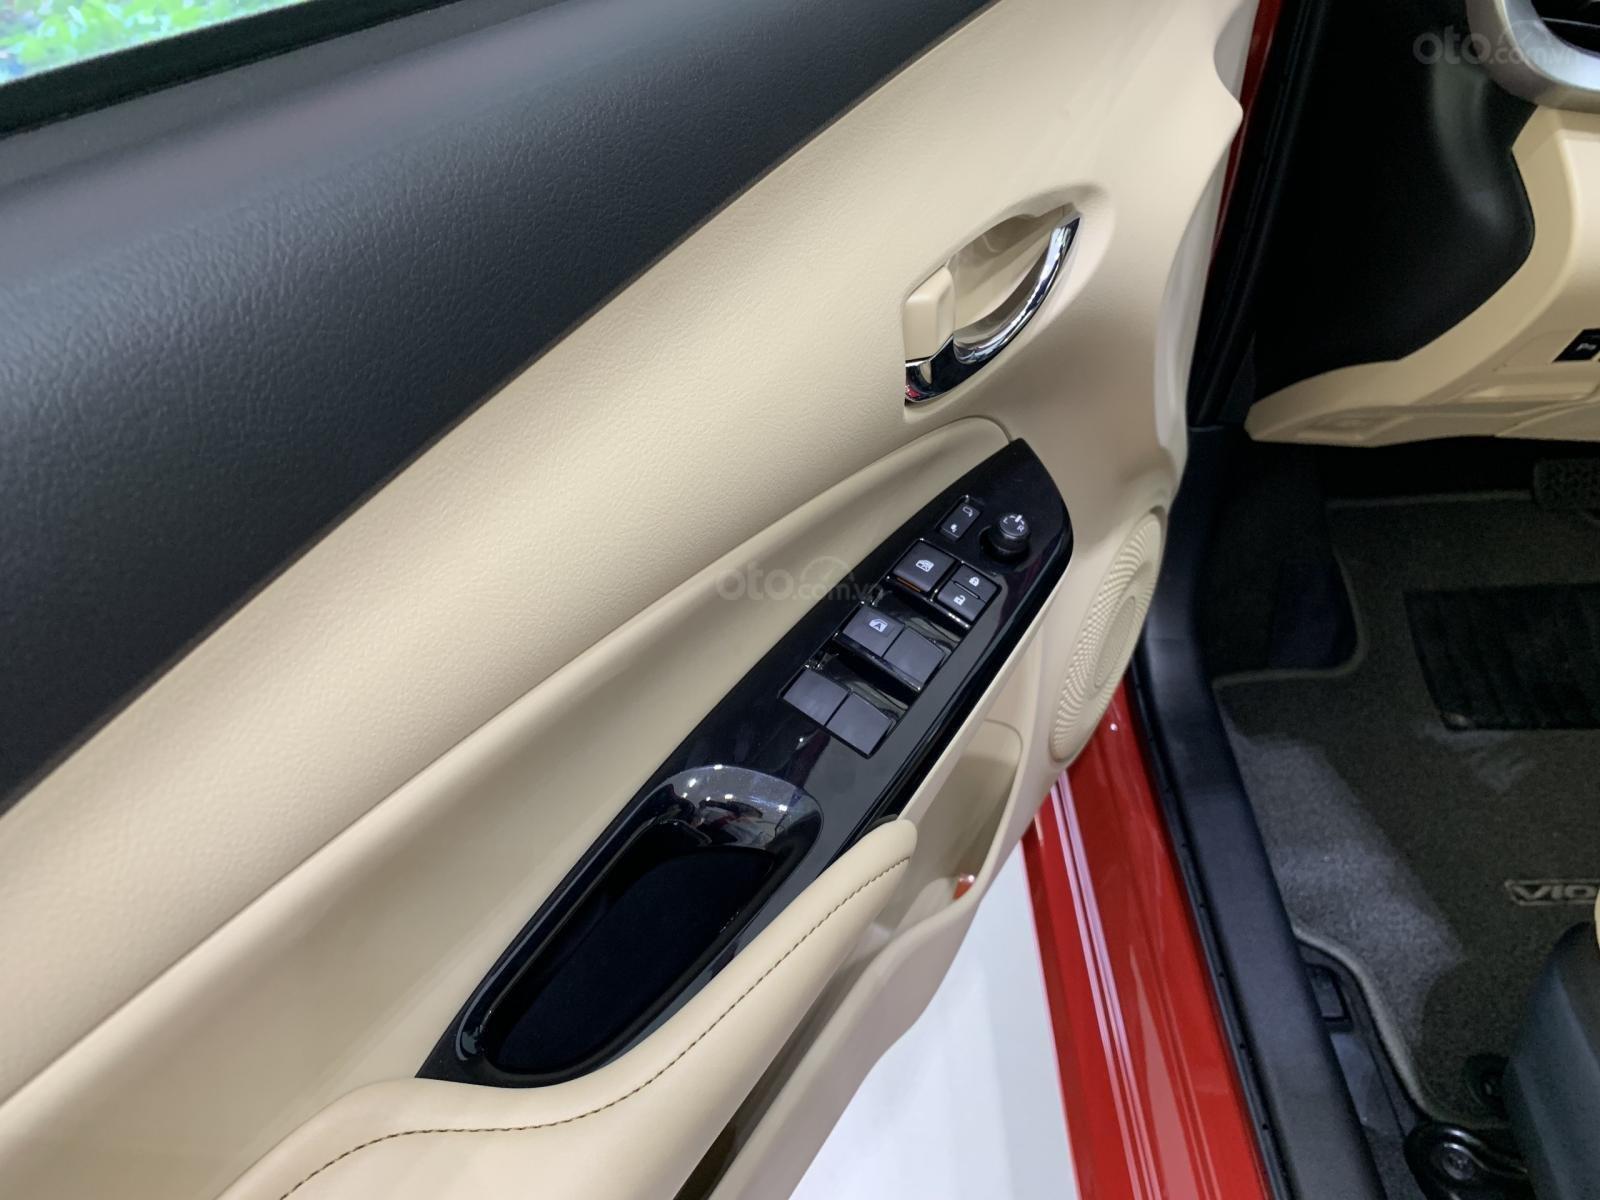 Bán Toyota Yaris 1.5G CVT 2019, màu đỏ, nhập khẩu Thái, 620 triệu - LH: 0943.134.210 (8)